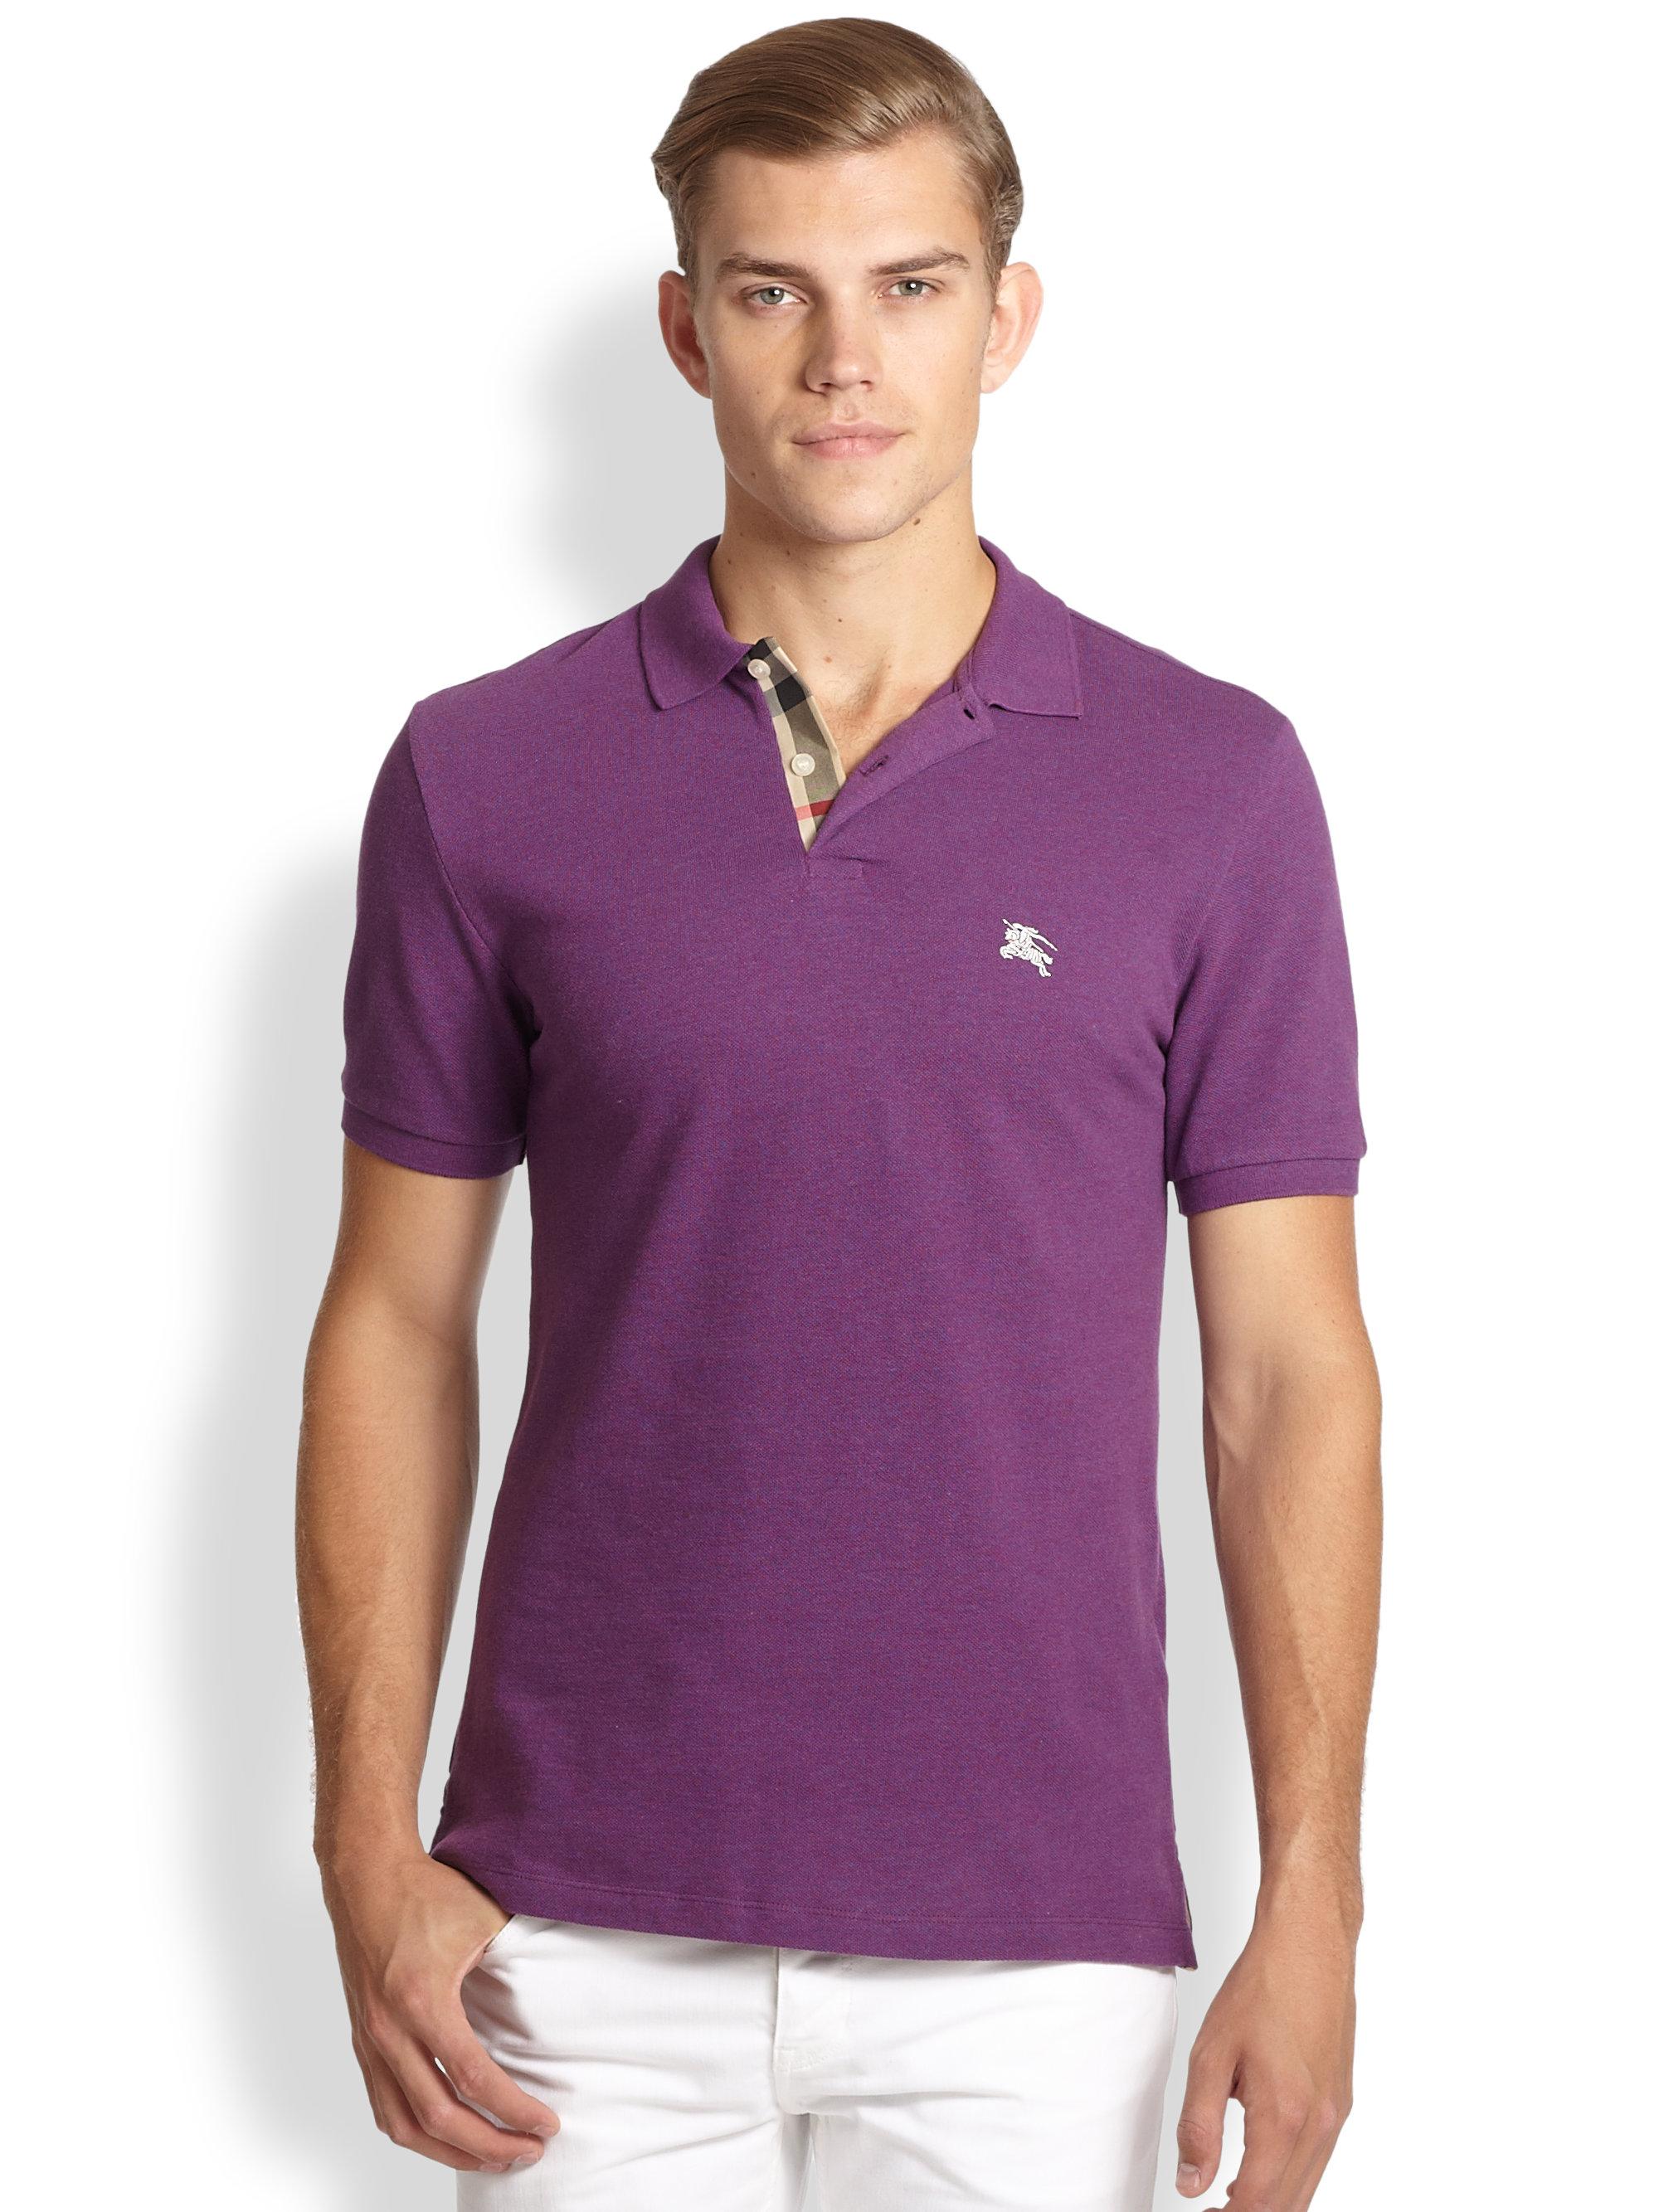 Lyst - Burberry Brit Classic Pique Polo in Purple for Men 0e29574ea7f